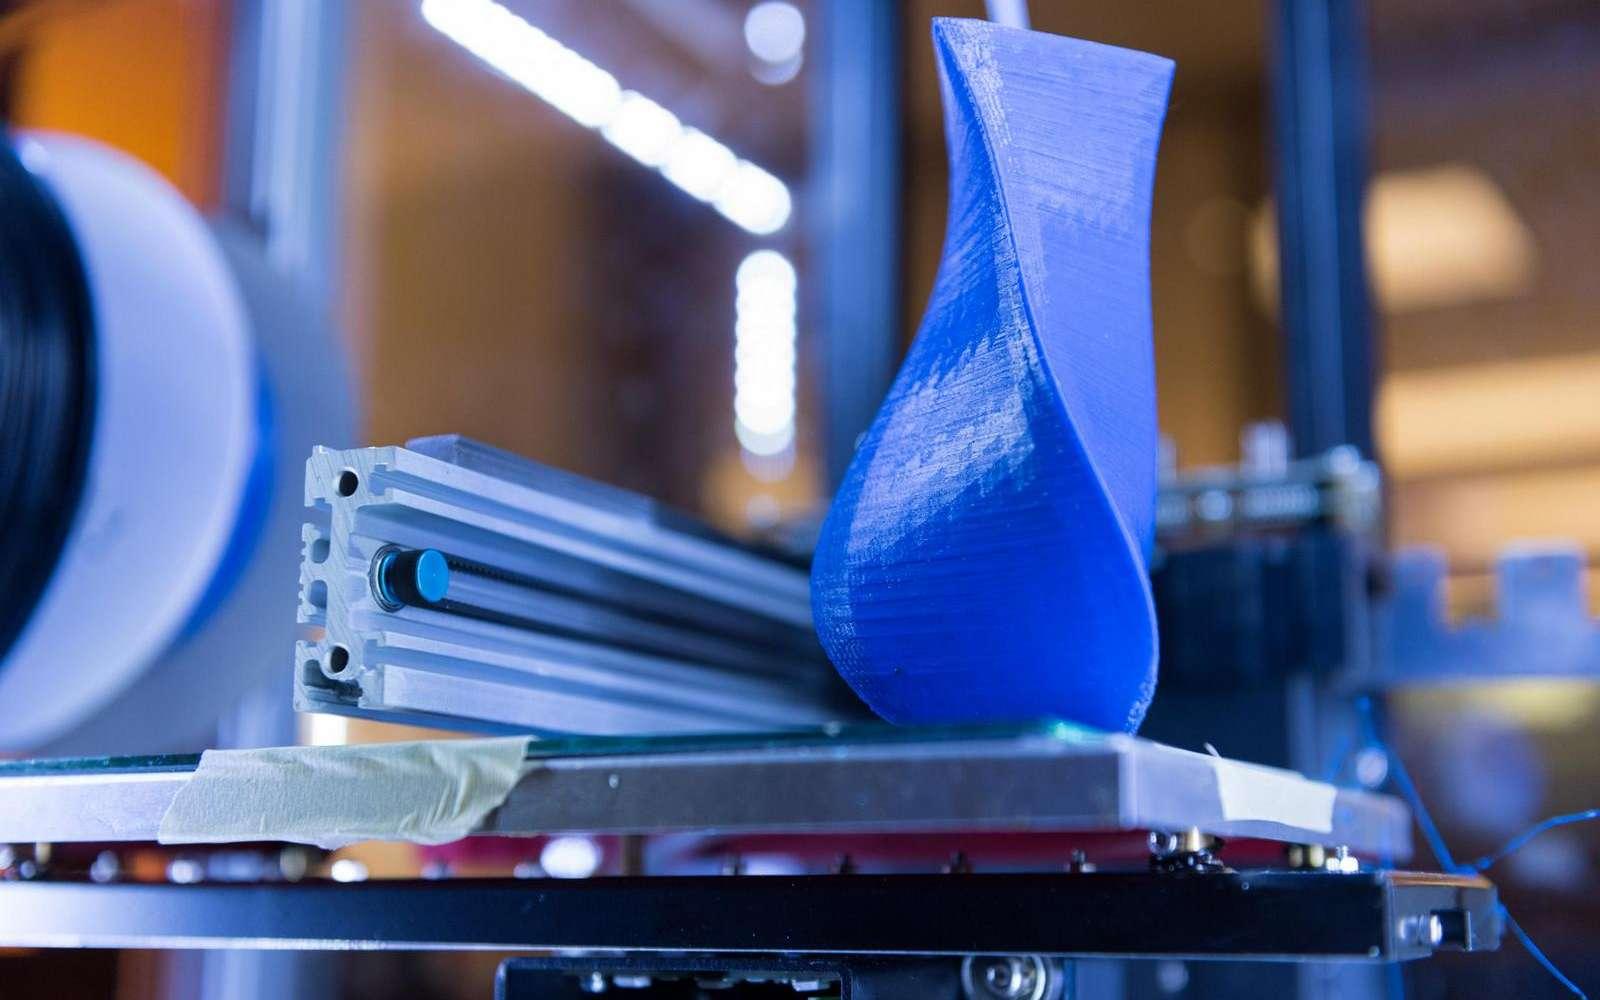 L'impression 3D à base de filaments plastiques produit des émissions de particules qui, pour beaucoup, peuvent présenter un danger pour la santé. © Rob Felt